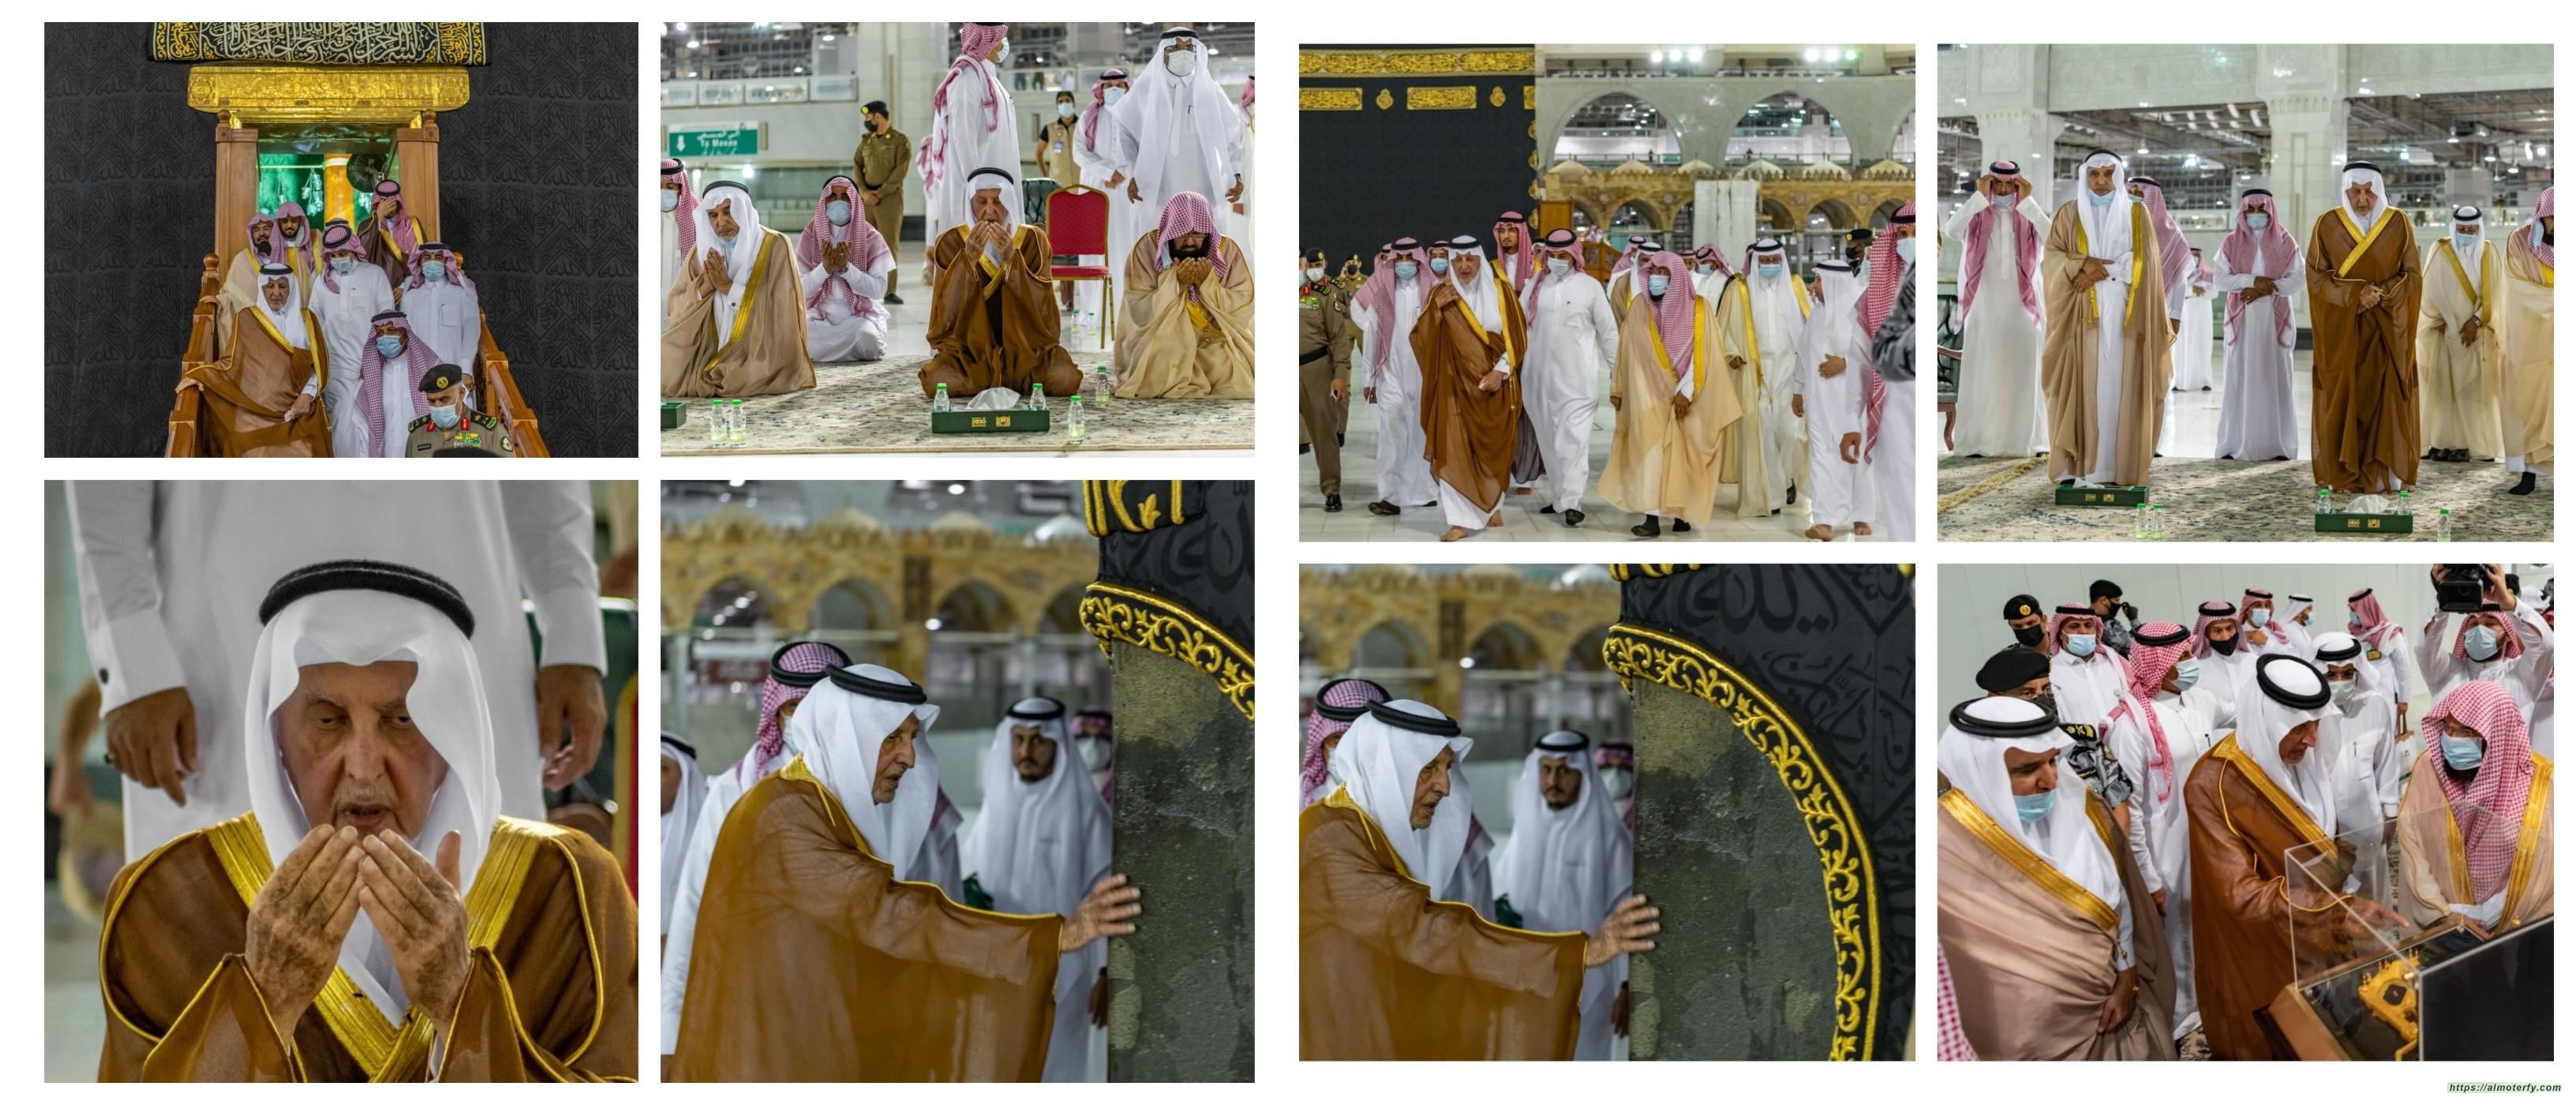 نيابة عن خادم الحرمين الشريفين أمير منطقة مكة المكرمة يتشرف بغسل الكعبة المشرفة وسط إجراءات احترازية مشددة